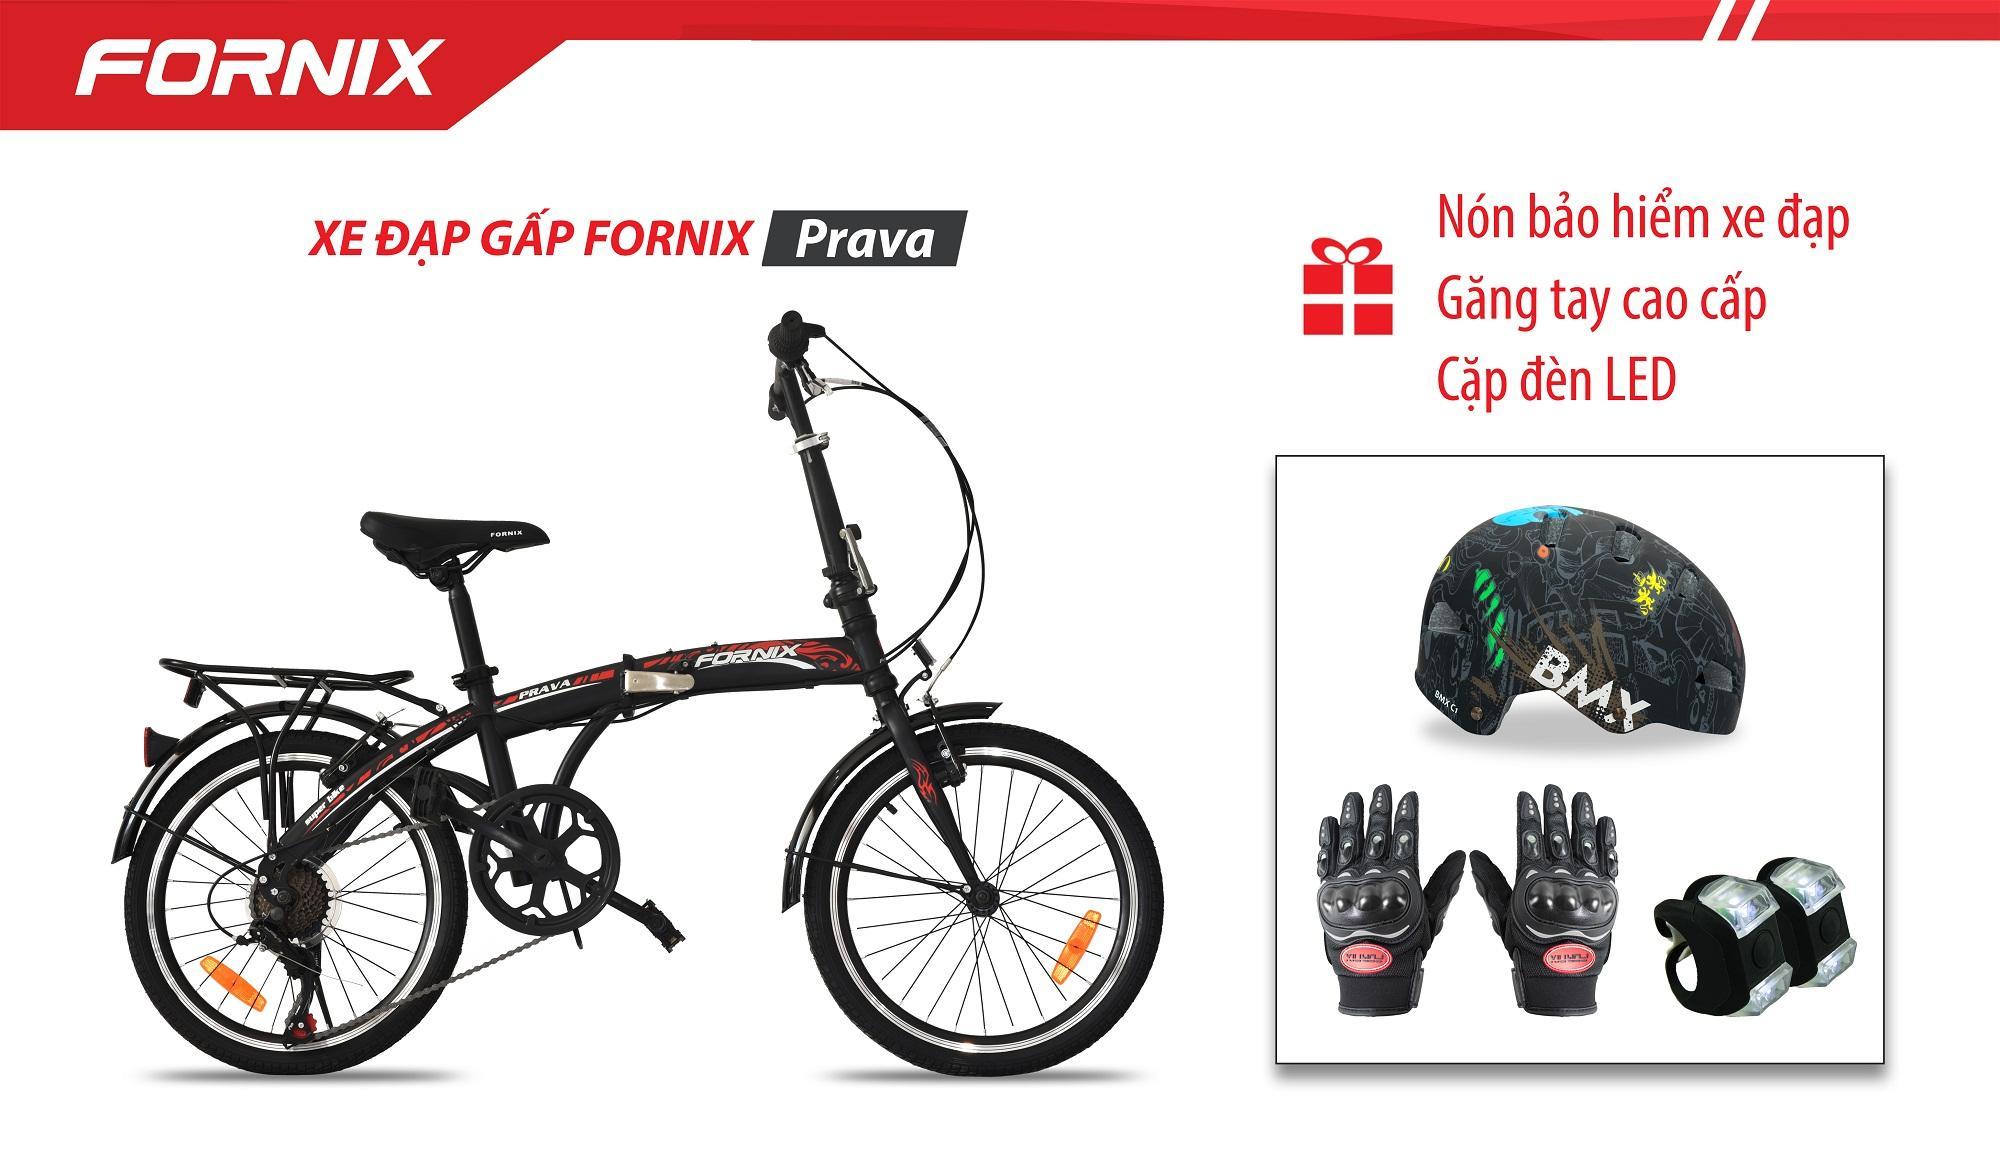 Xe đạp gấp hiệu FORNIX, mã PRAVA + (Gift) Cặp đèn LED, Nón Bảo Hiểm A02NC1, Găng tay